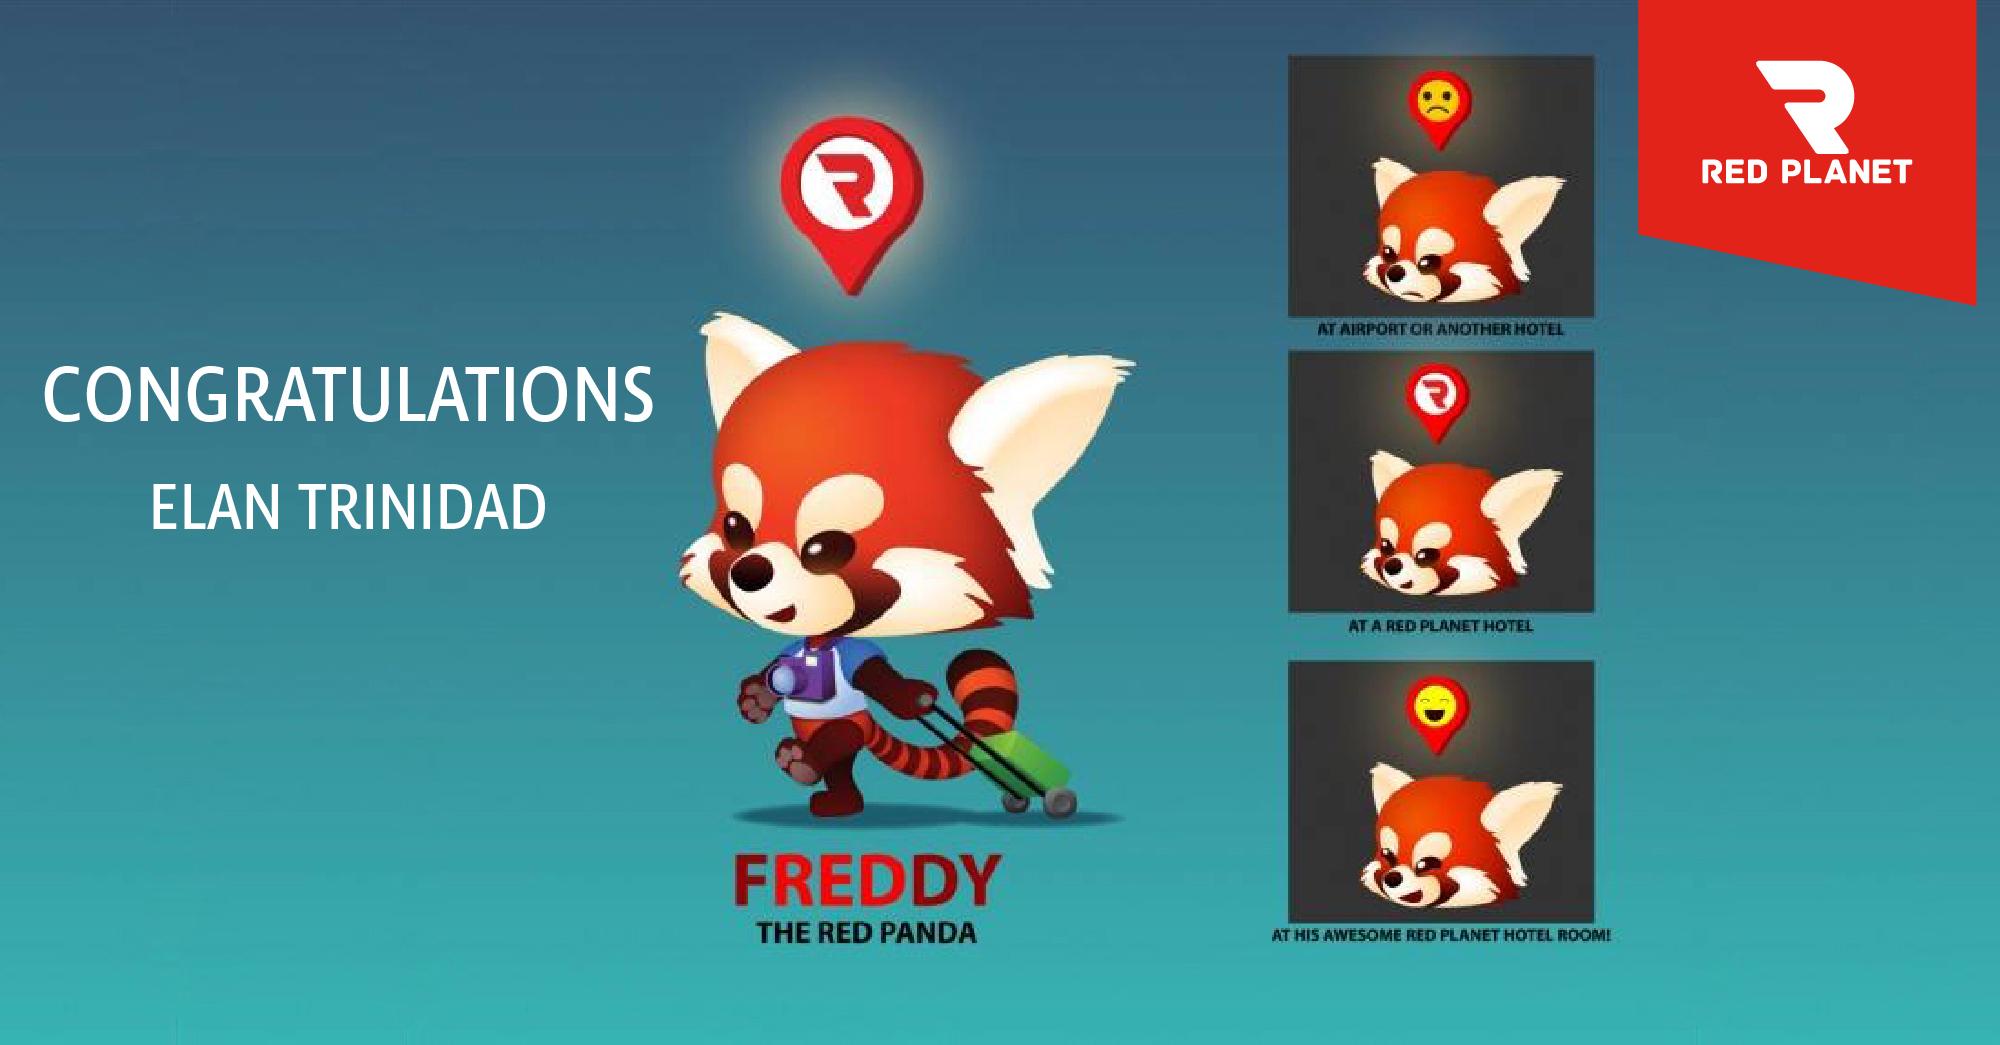 Freddy_winner